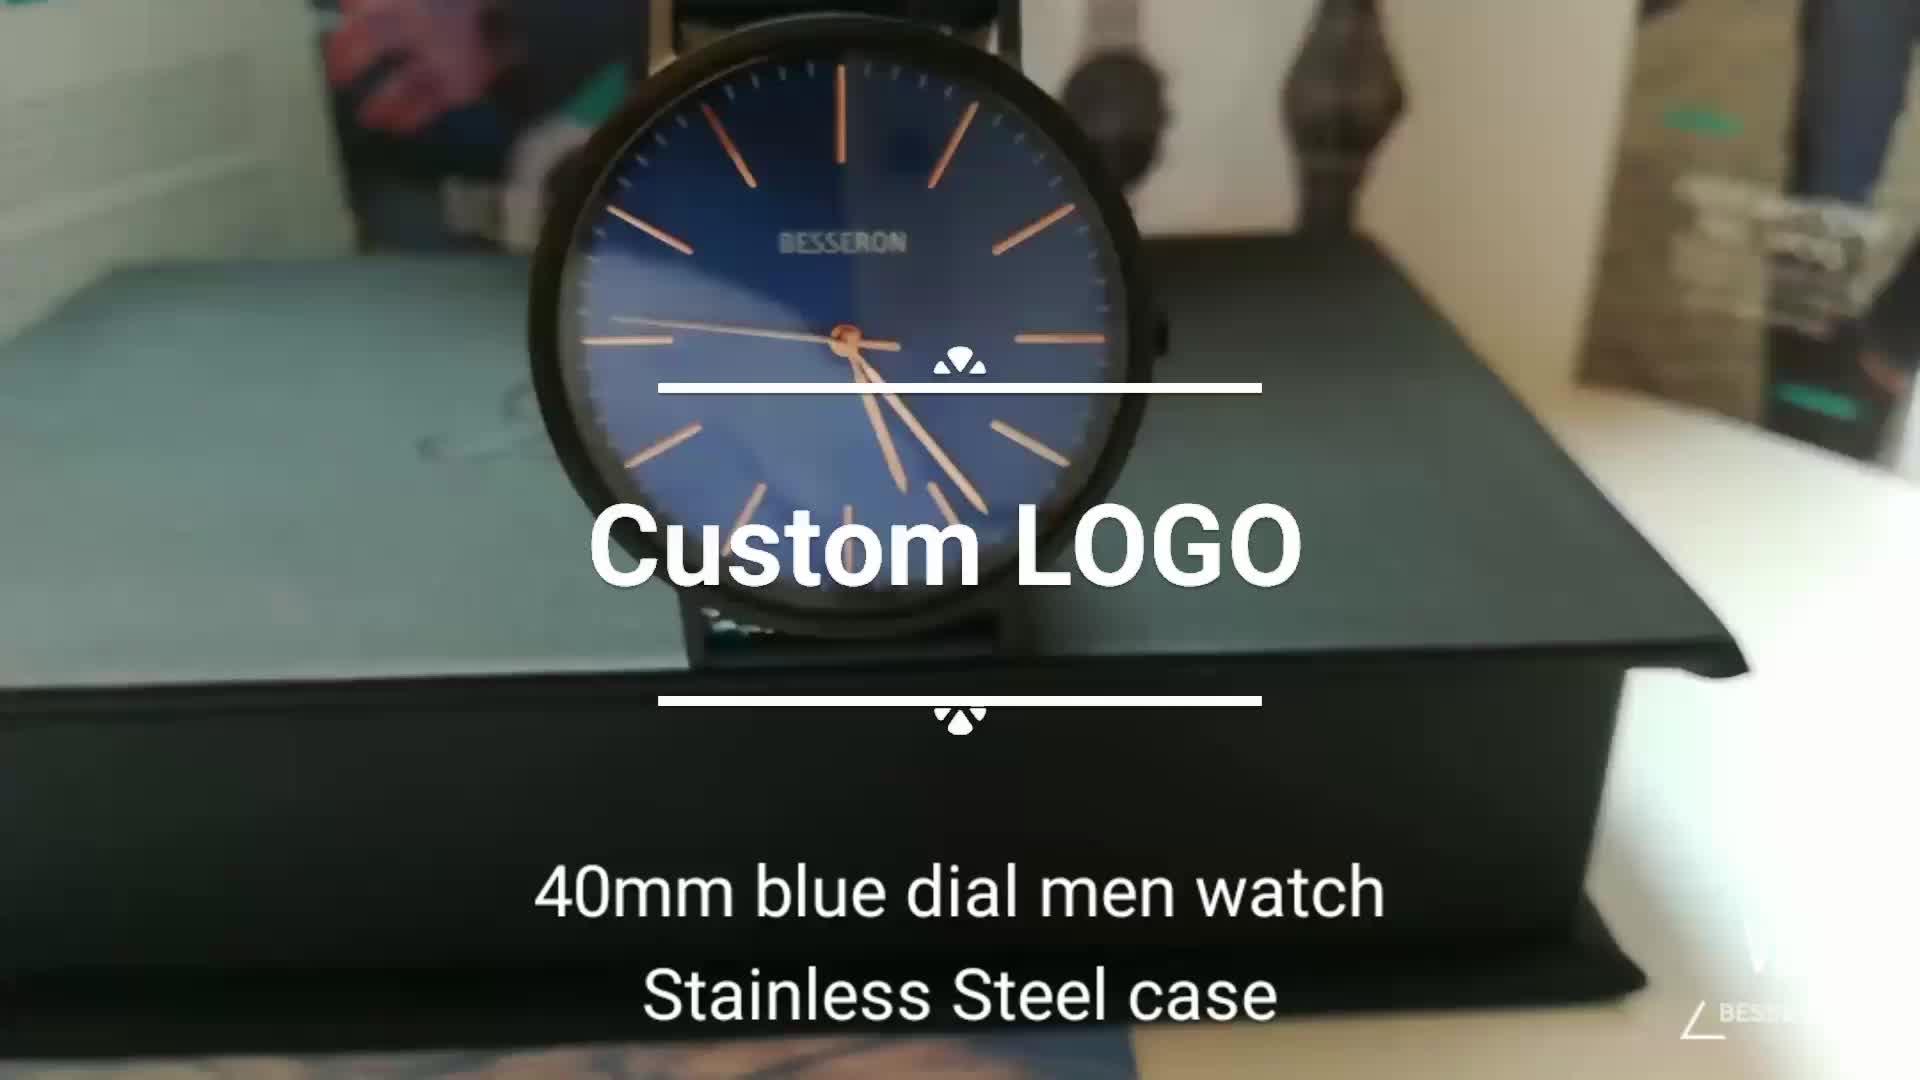 OEM reloj azul a granel marca de reloj de los hombres de oem del cuarzo de Japón potenciometro movt vertical de las mujeres reloj odm mi logotipo relojes de hombres